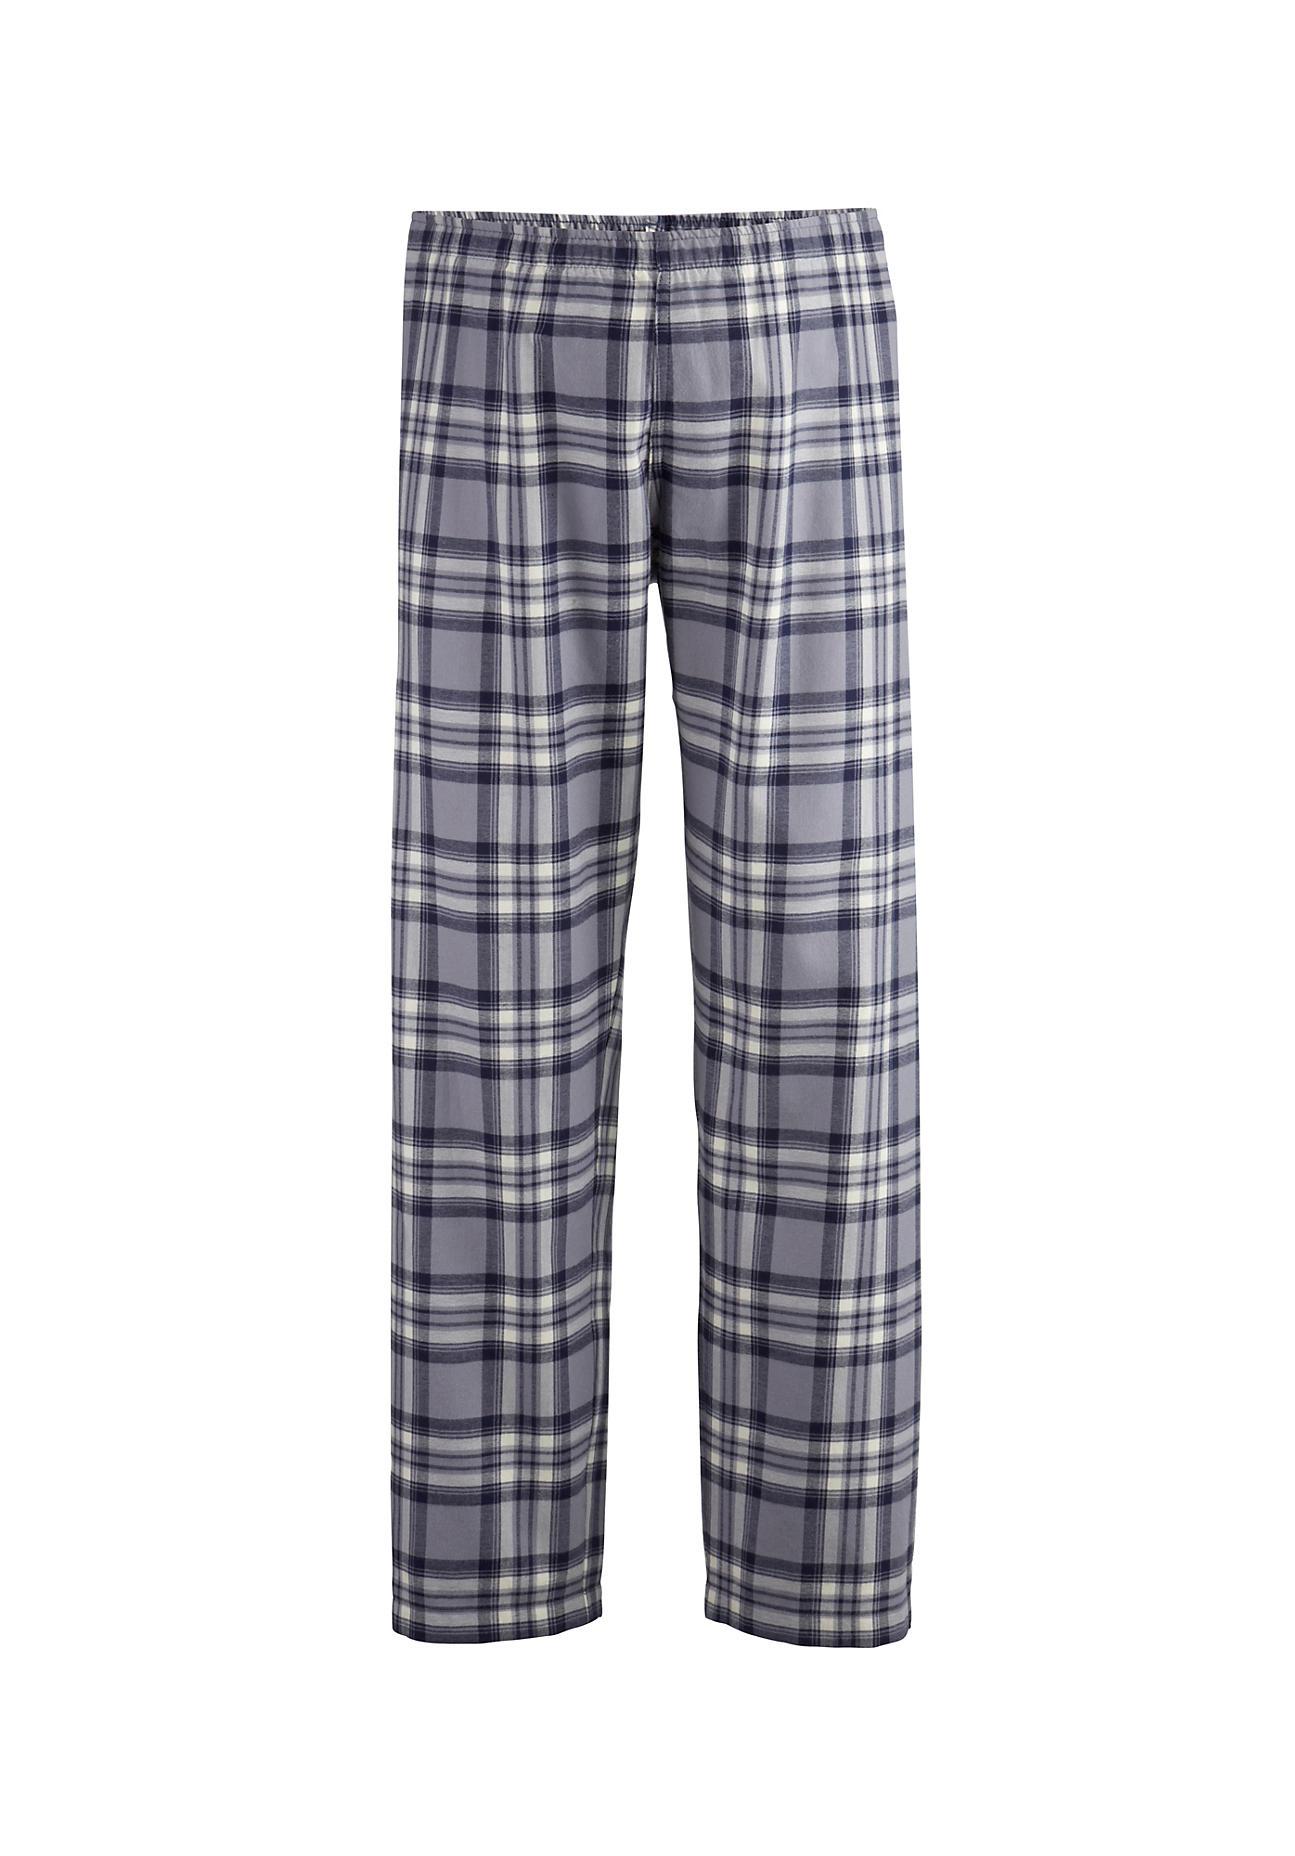 hessnatur Herren Flanell-Pyjamahose aus Bio-Baumwolle – bunt – Größe 52 | Bekleidung > Wäsche > Nachtwäsche | hessnatur